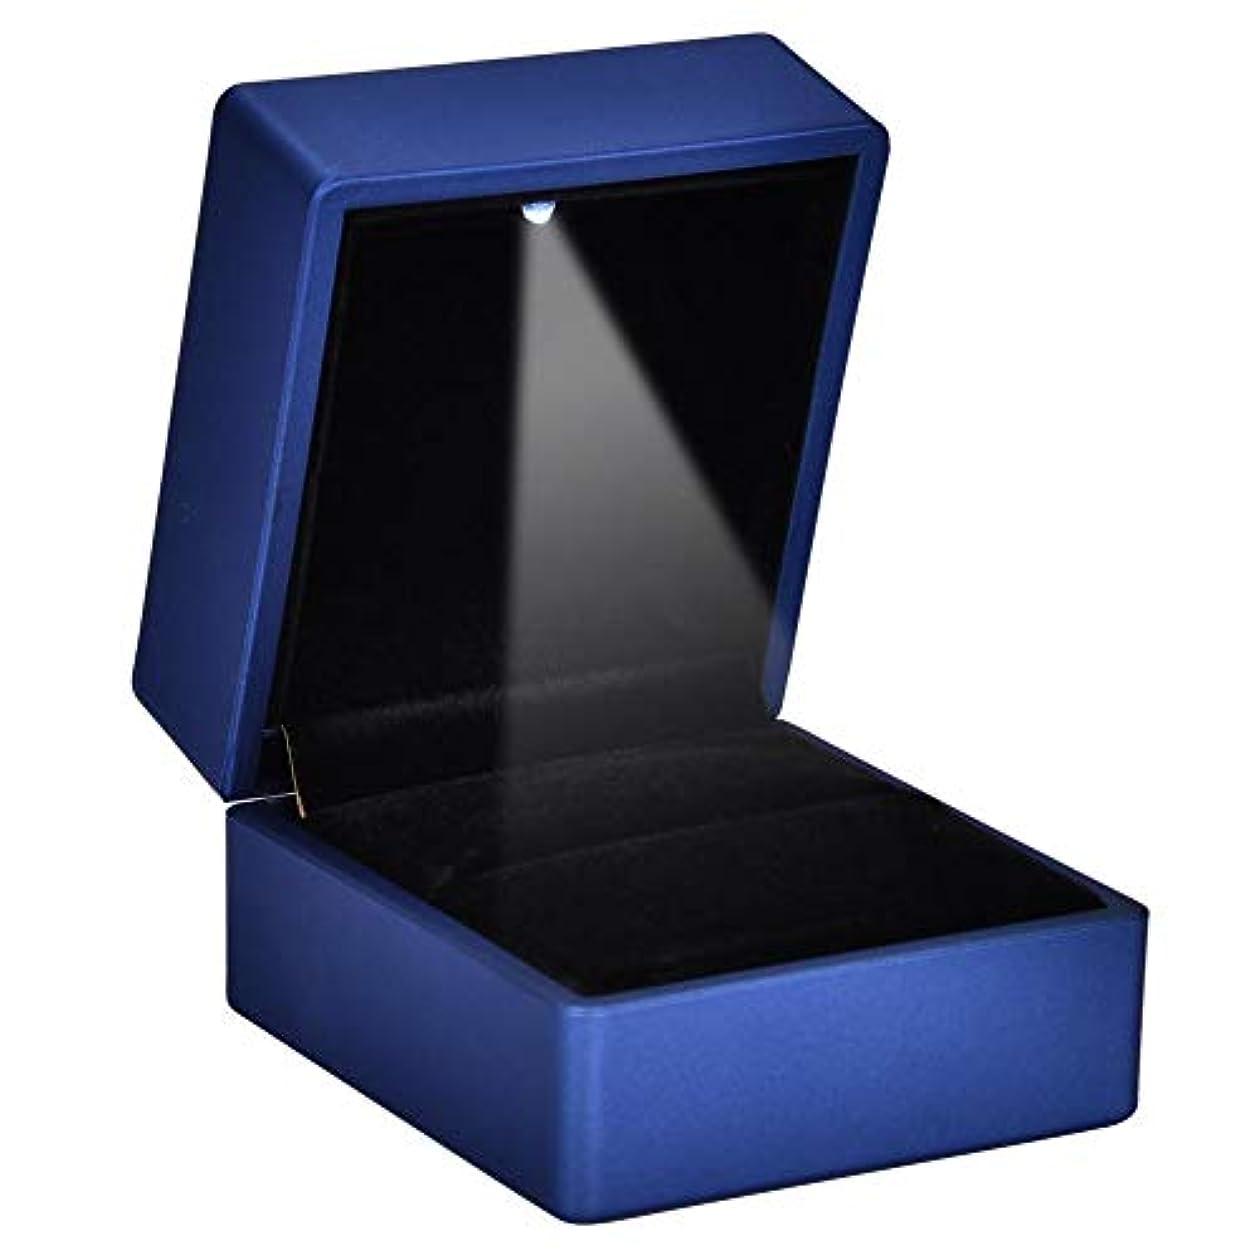 降臨マイクロロック2種類ファッショナブルなLEDリングボックス - 内部LED照明付きリングケース、ジュエリーホルダーリング収納ケース、結婚式の提案(ブルー-90 * 70 * 35)